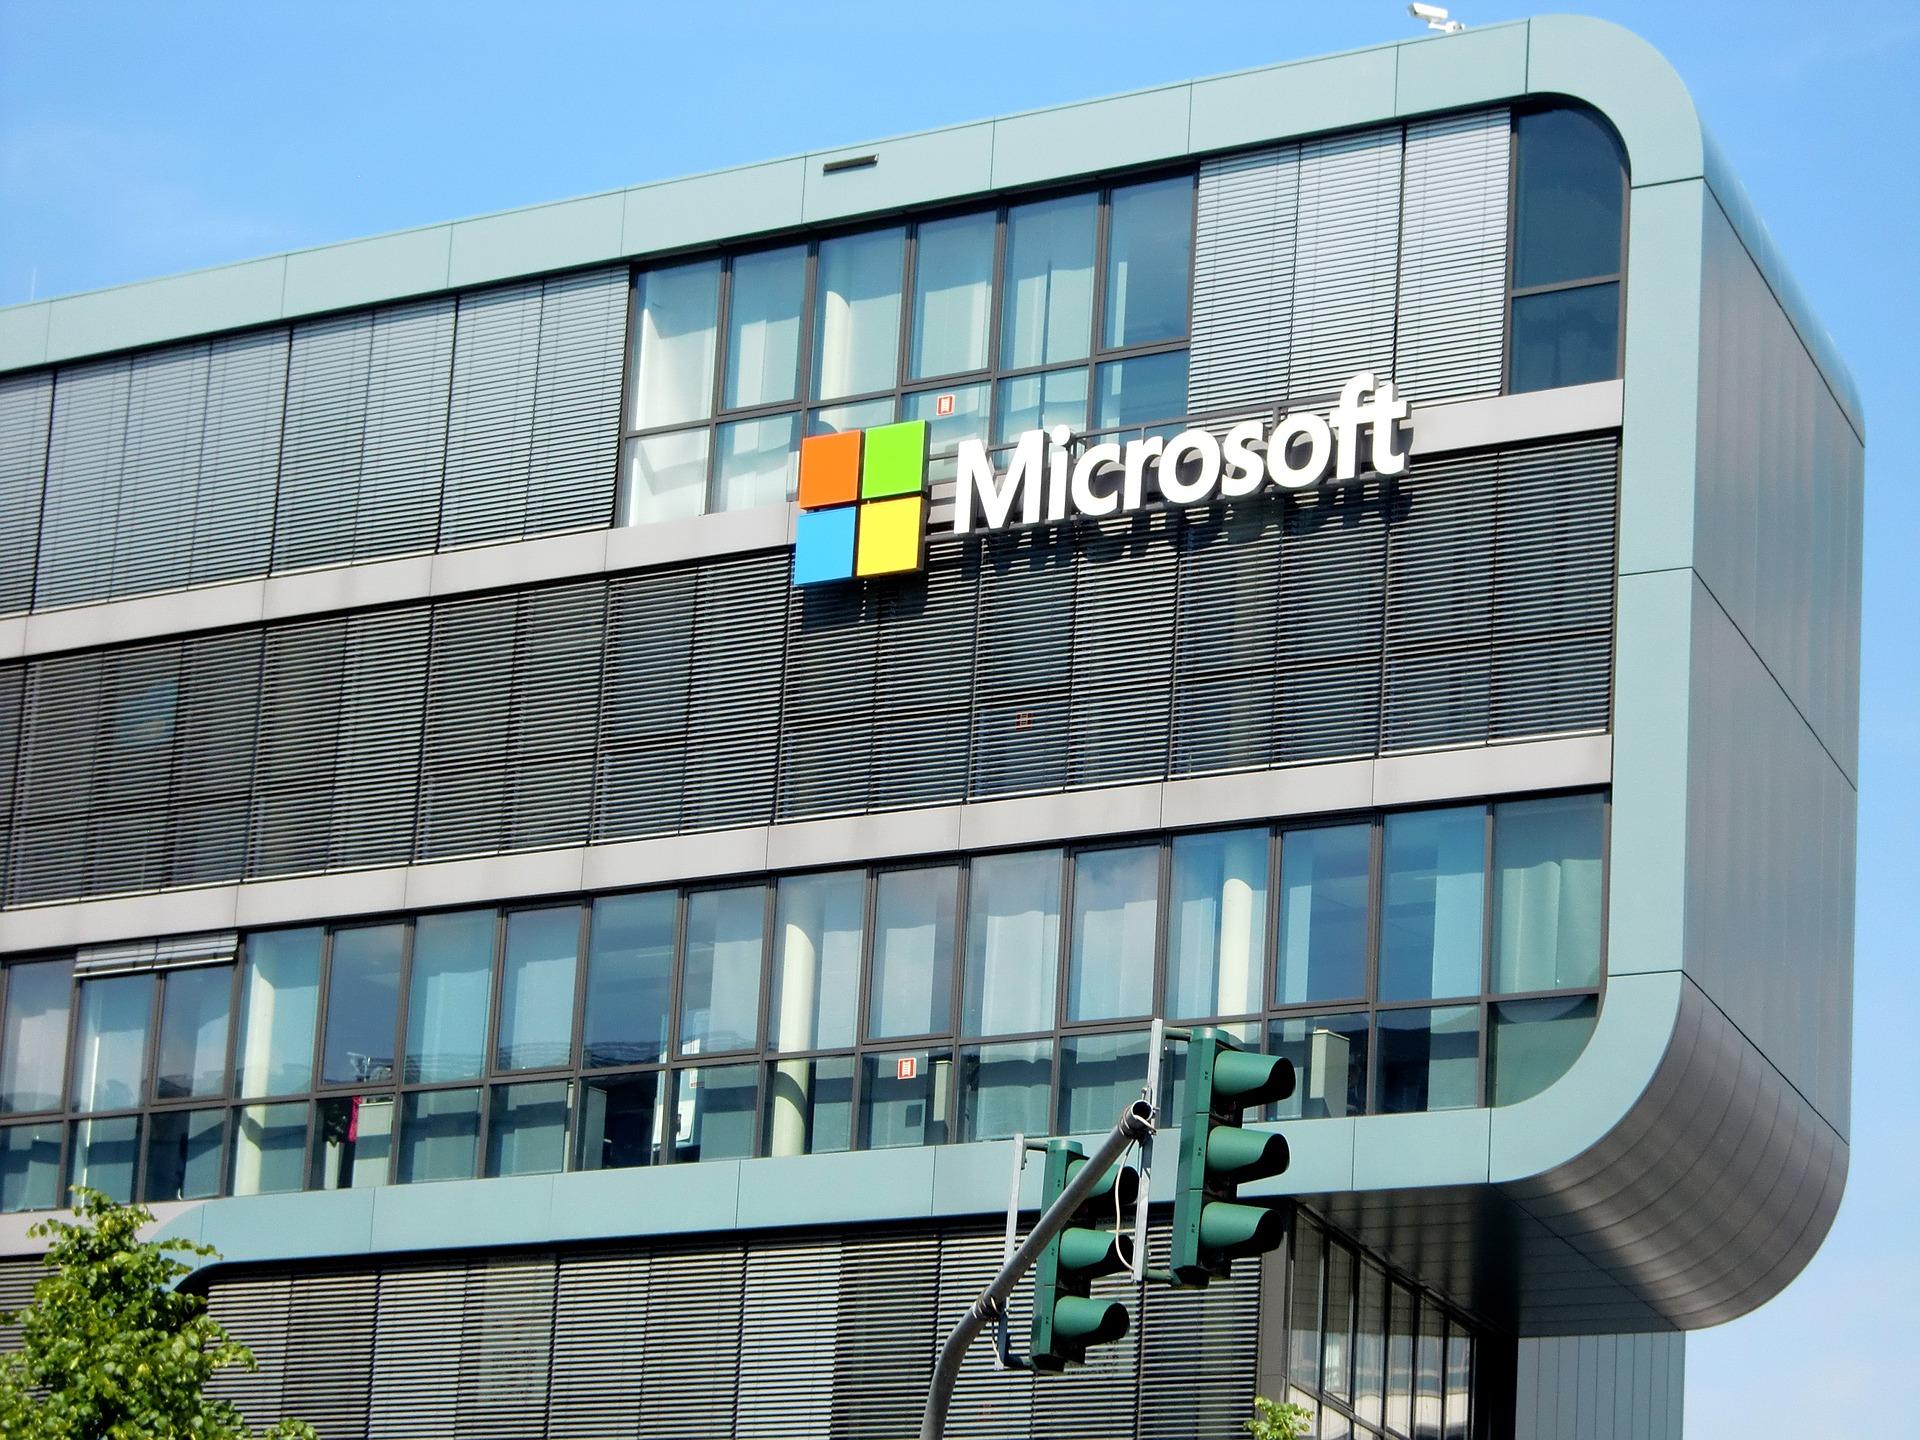 Microsoft e il piano globale per promuovere l'accessibilità nella tecnologia - Featured image